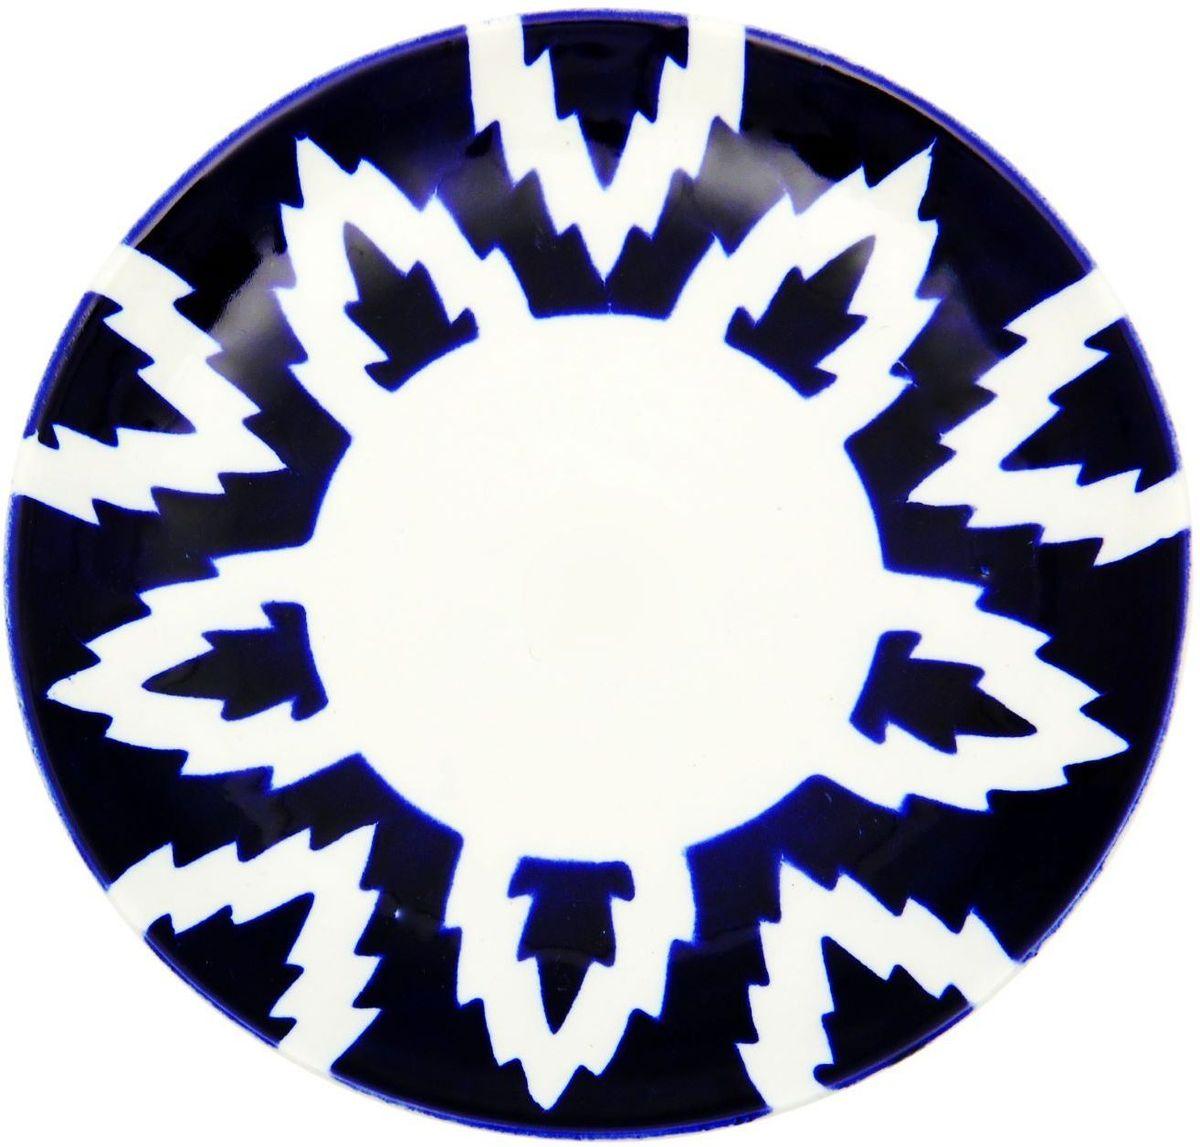 Тарелка Turon Porcelain Атлас, цвет: белый, синий, диаметр 22,5 см1625382Узбекская посуда известна всему миру уже более тысячи лет. Ей любовались царские особы, на ней подавали еду для шейхов и знатных персон. Формулы красок и глазури передаются из поколения в поколение. По сей день качественные расписные изделия продолжают восхищать совершенством и завораживающей красотой.Данный предмет подойдёт для повседневной и праздничной сервировки. Дополните стол текстилем и салфетками в тон, чтобы получить элегантное убранство с яркими акцентами.Национальная узбекская роспись «Атлас» имеет симметричный геометрический рисунок. Узоры, похожие на листья, выводятся тонкой кистью, фон заливается тёмно-синим кобальтом. Синий краситель при обжиге слегка растекается и придаёт контуру изображений голубой оттенок. Густая глазурь наносится толстым слоем, благодаря чему рисунок мерцает.